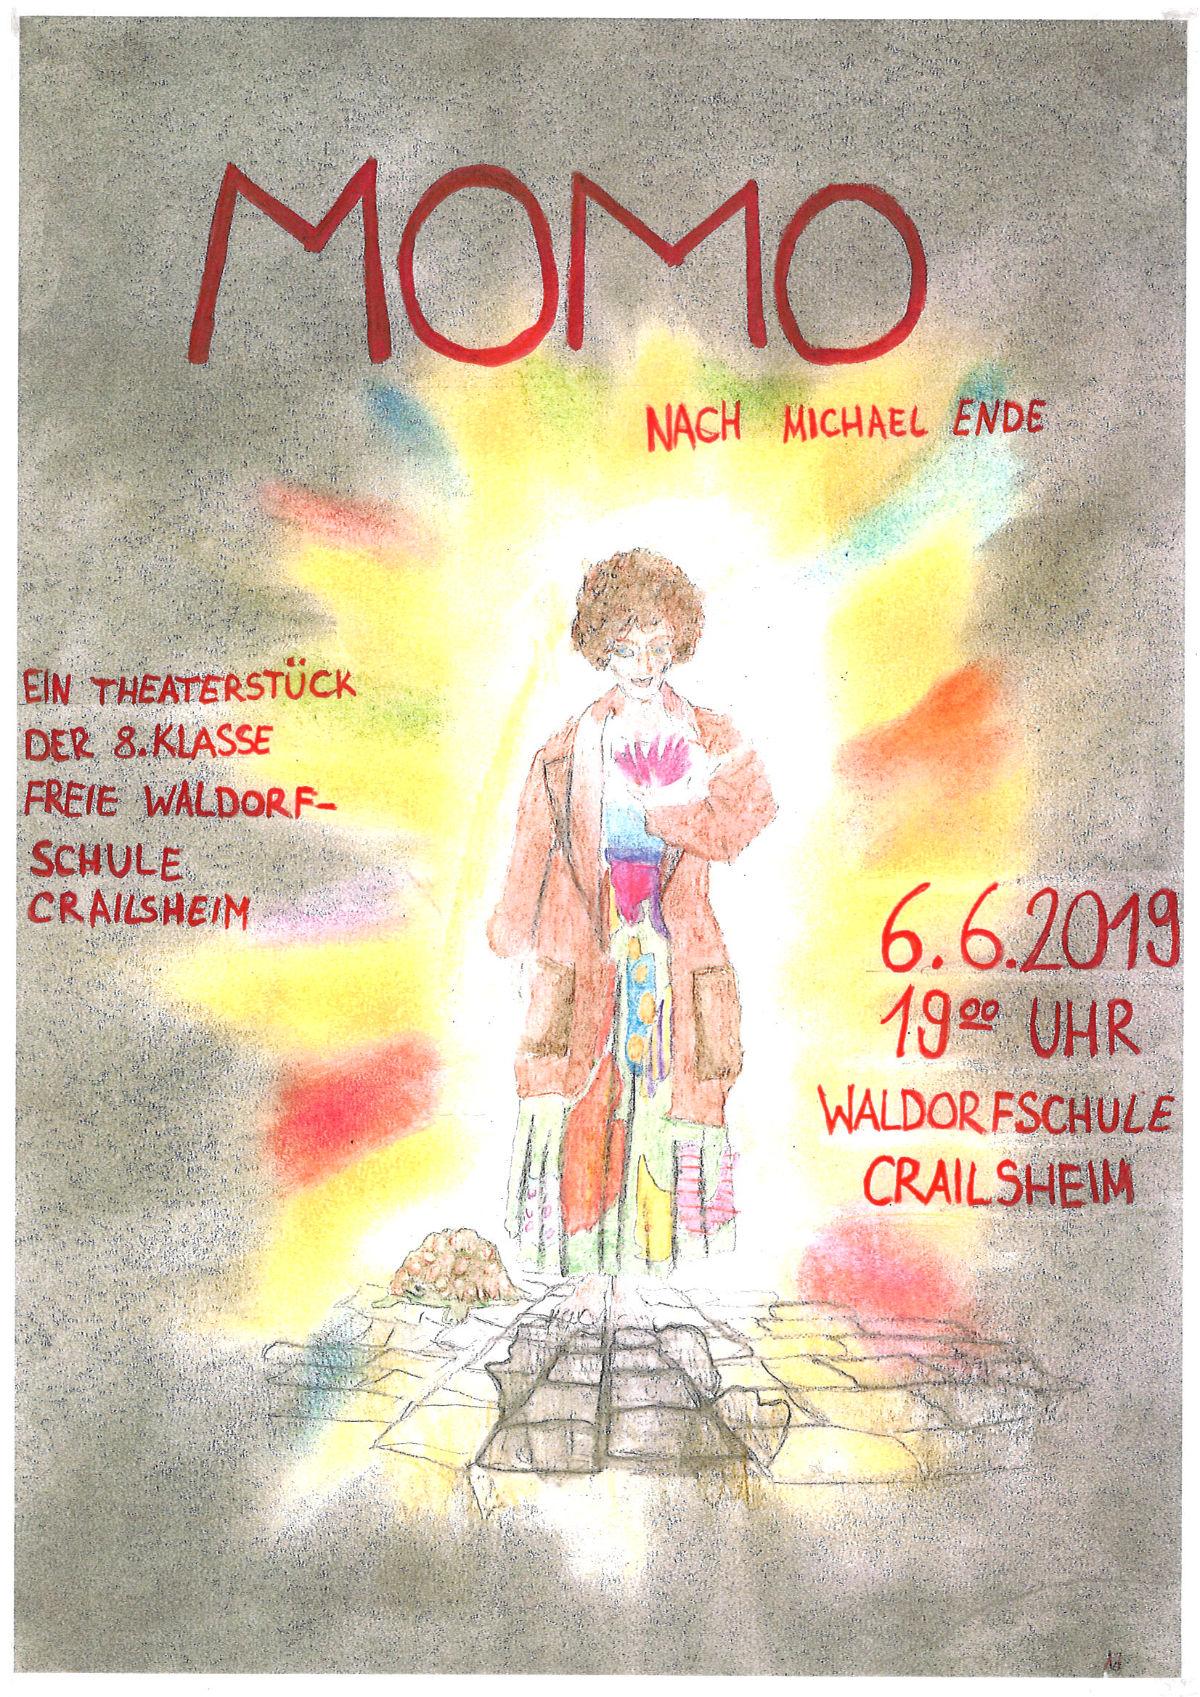 Plakat für Momo